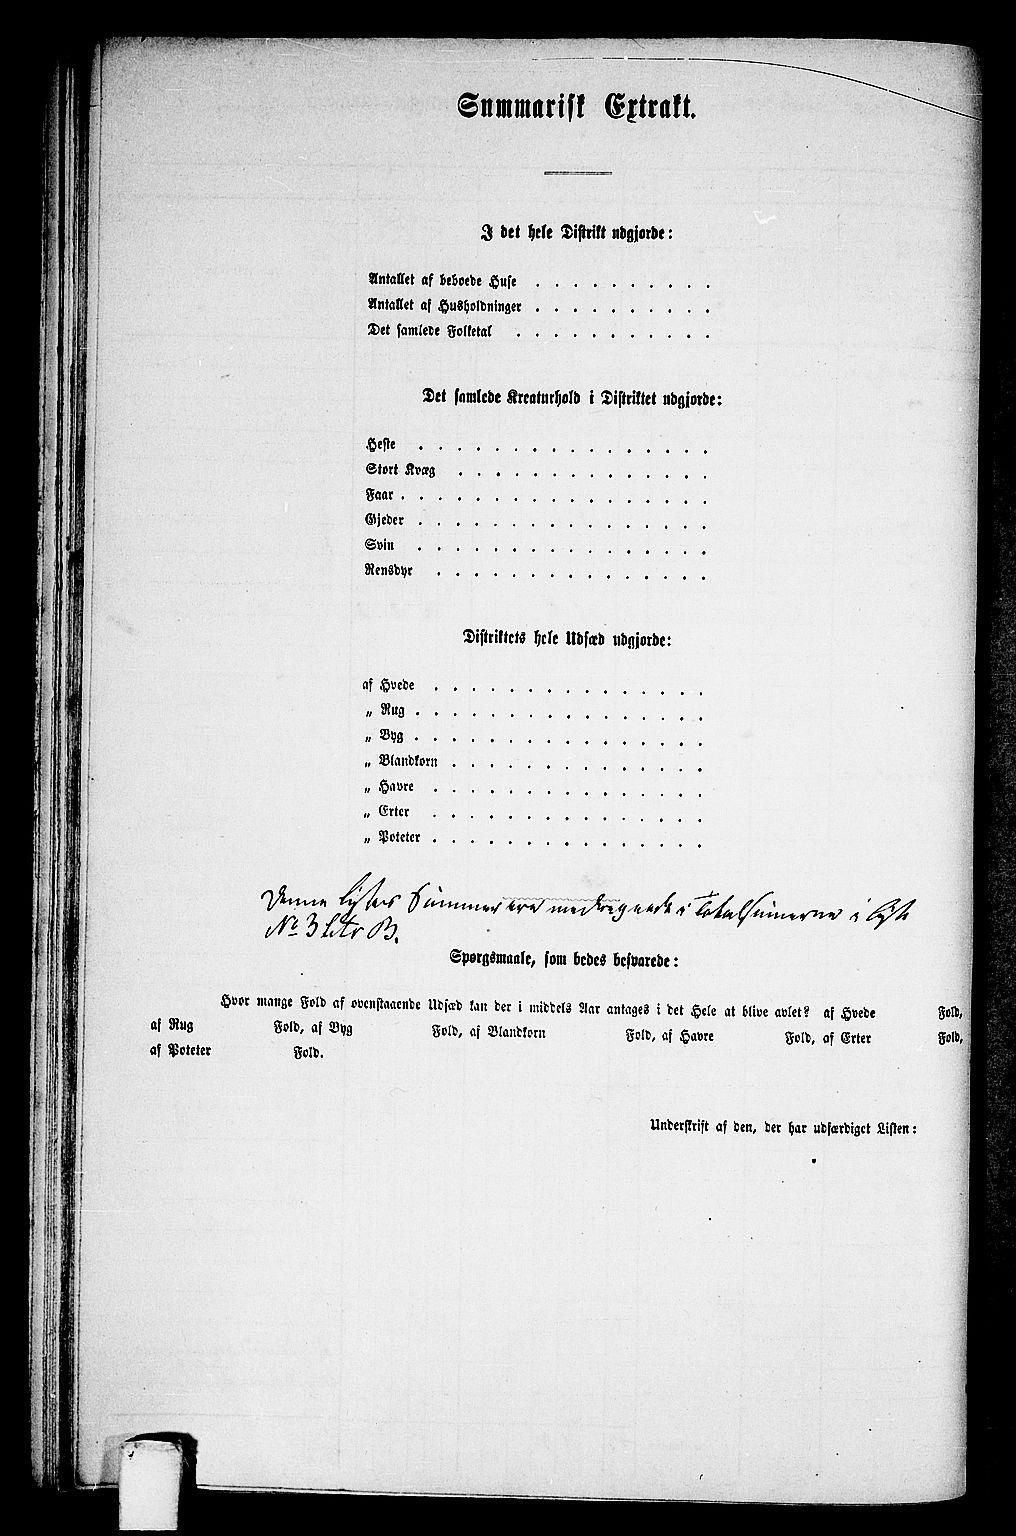 RA, Folketelling 1865 for 1636P Meldal prestegjeld, 1865, s. 79